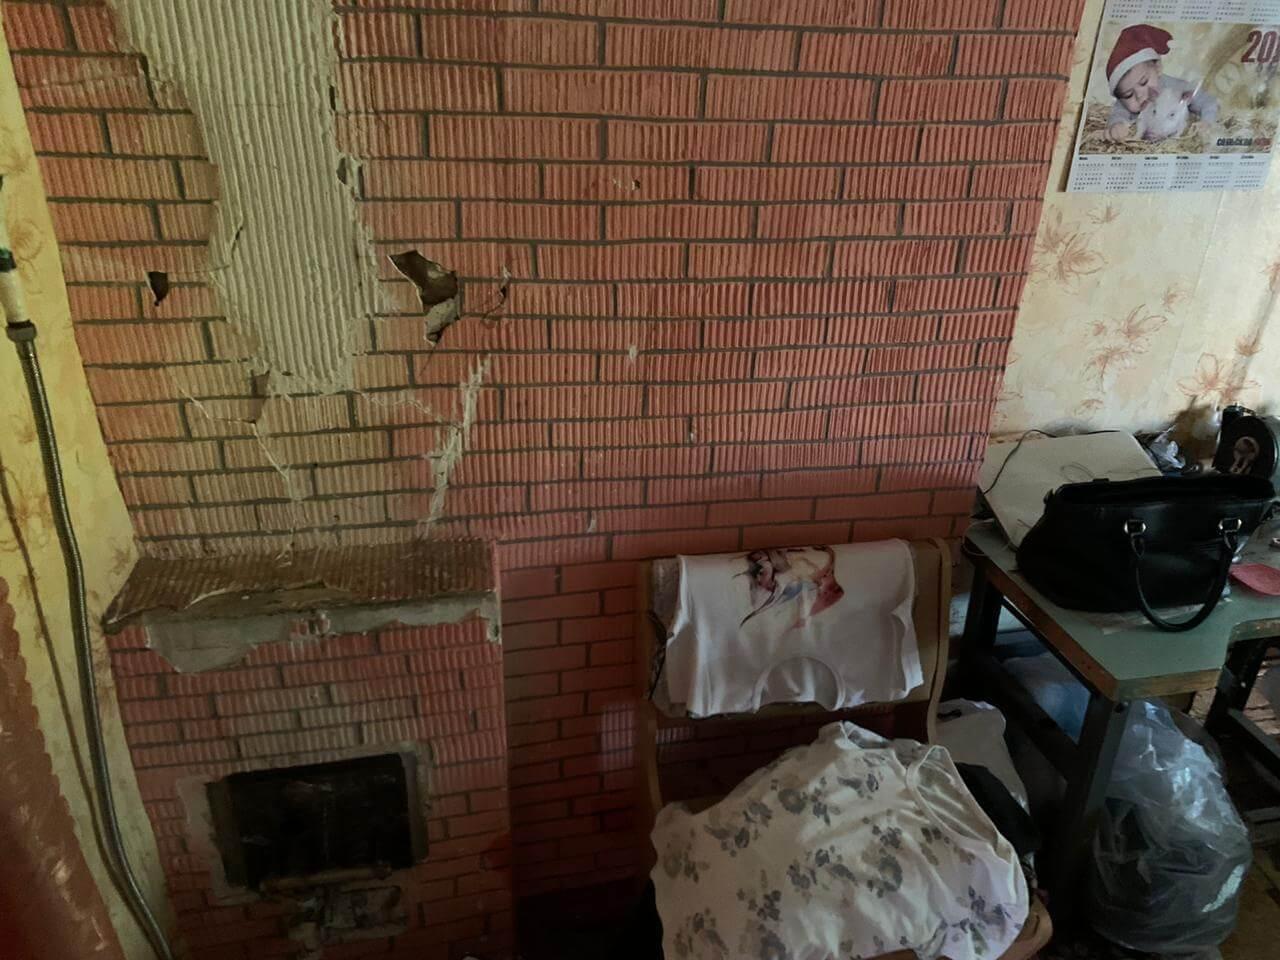 Тела отравившихся газом хозяев дома в Усть-Лабинске нашли наемные рабочие